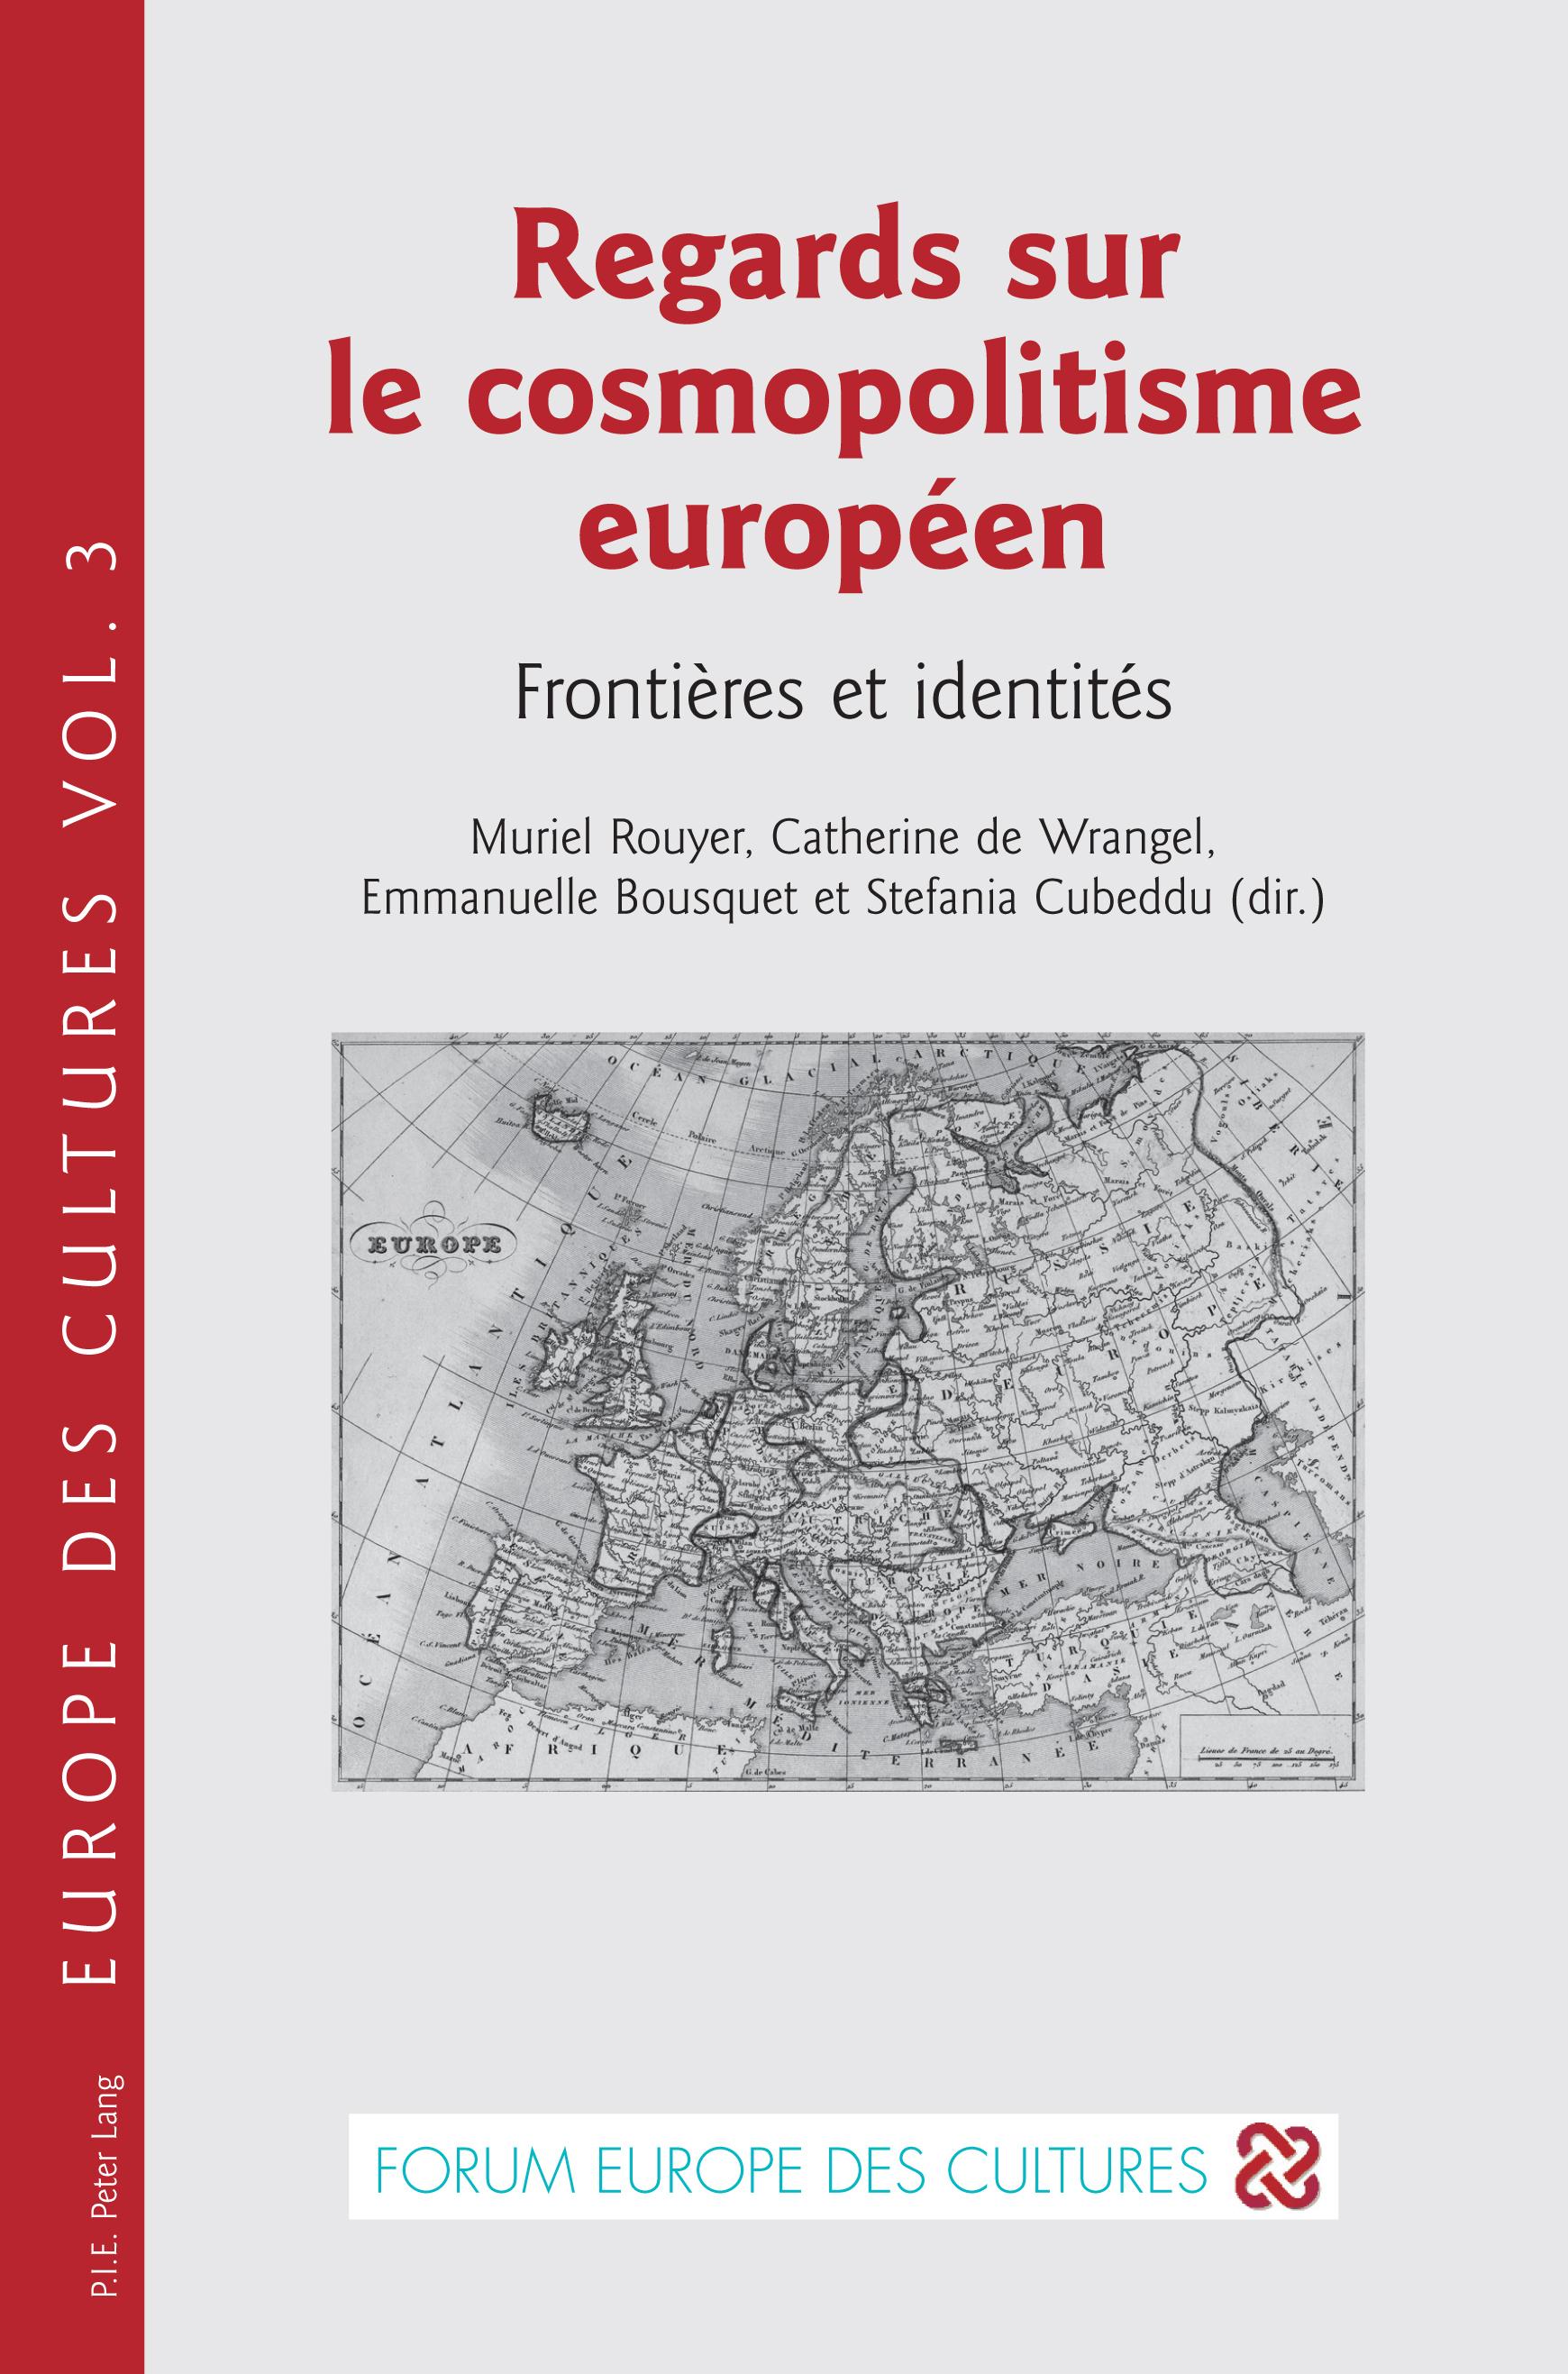 REGARDS SUR LE COSMOPOLITISME EUROPEEN